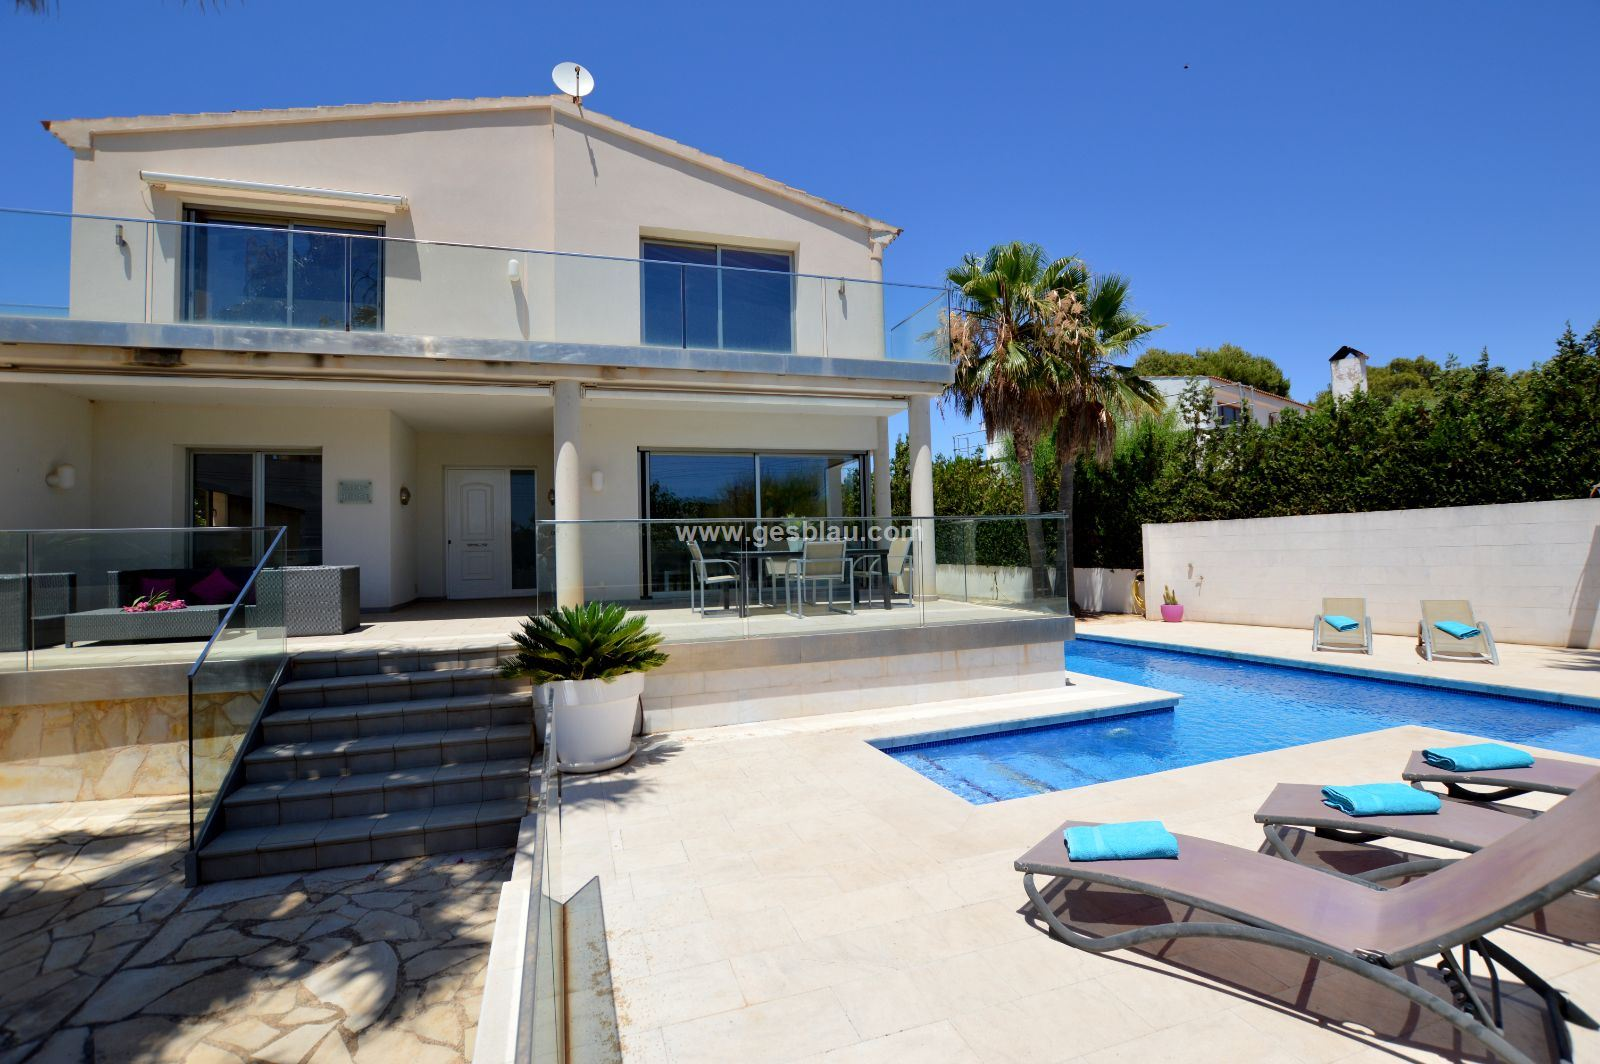 Chalet moderno con piscina en Cala Pi